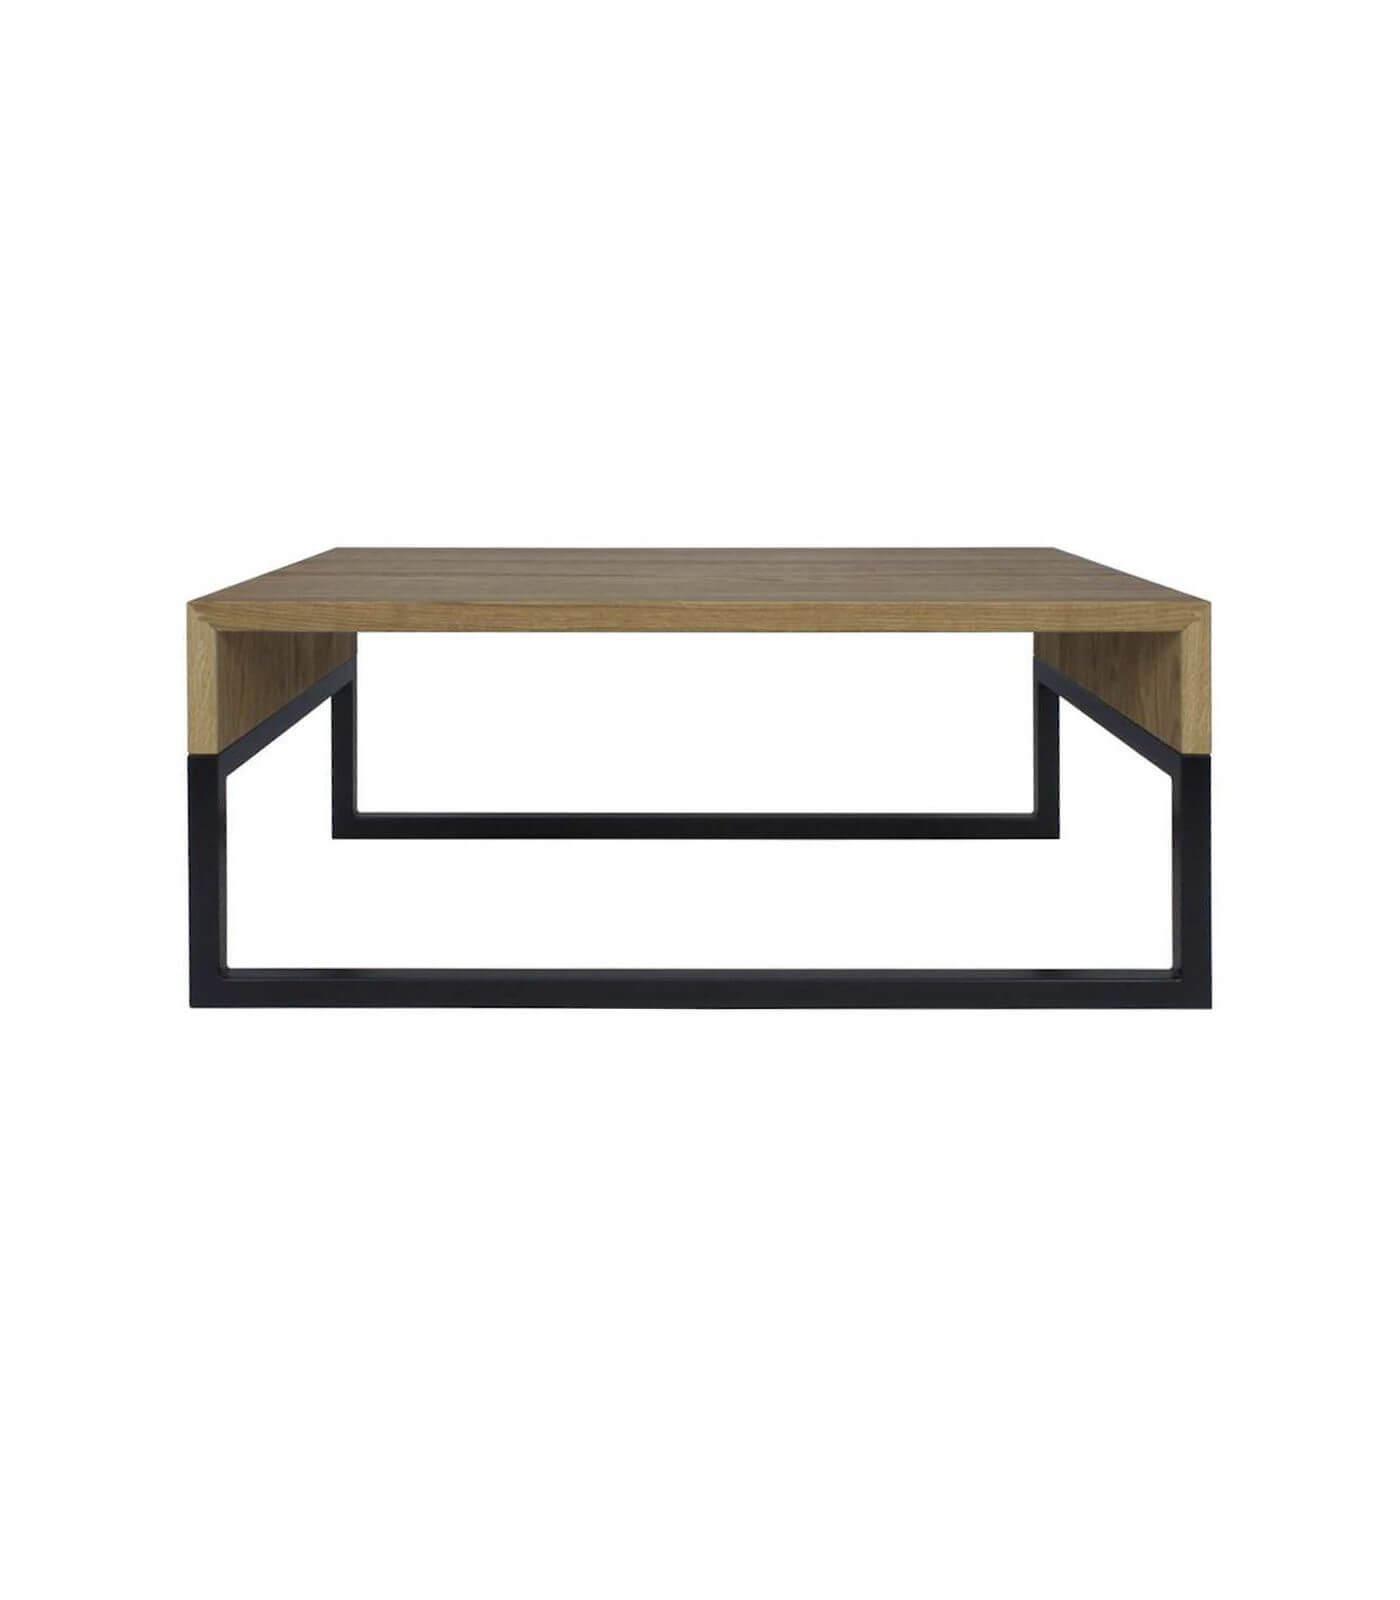 stolik kawowy industrialny czarny drewniany